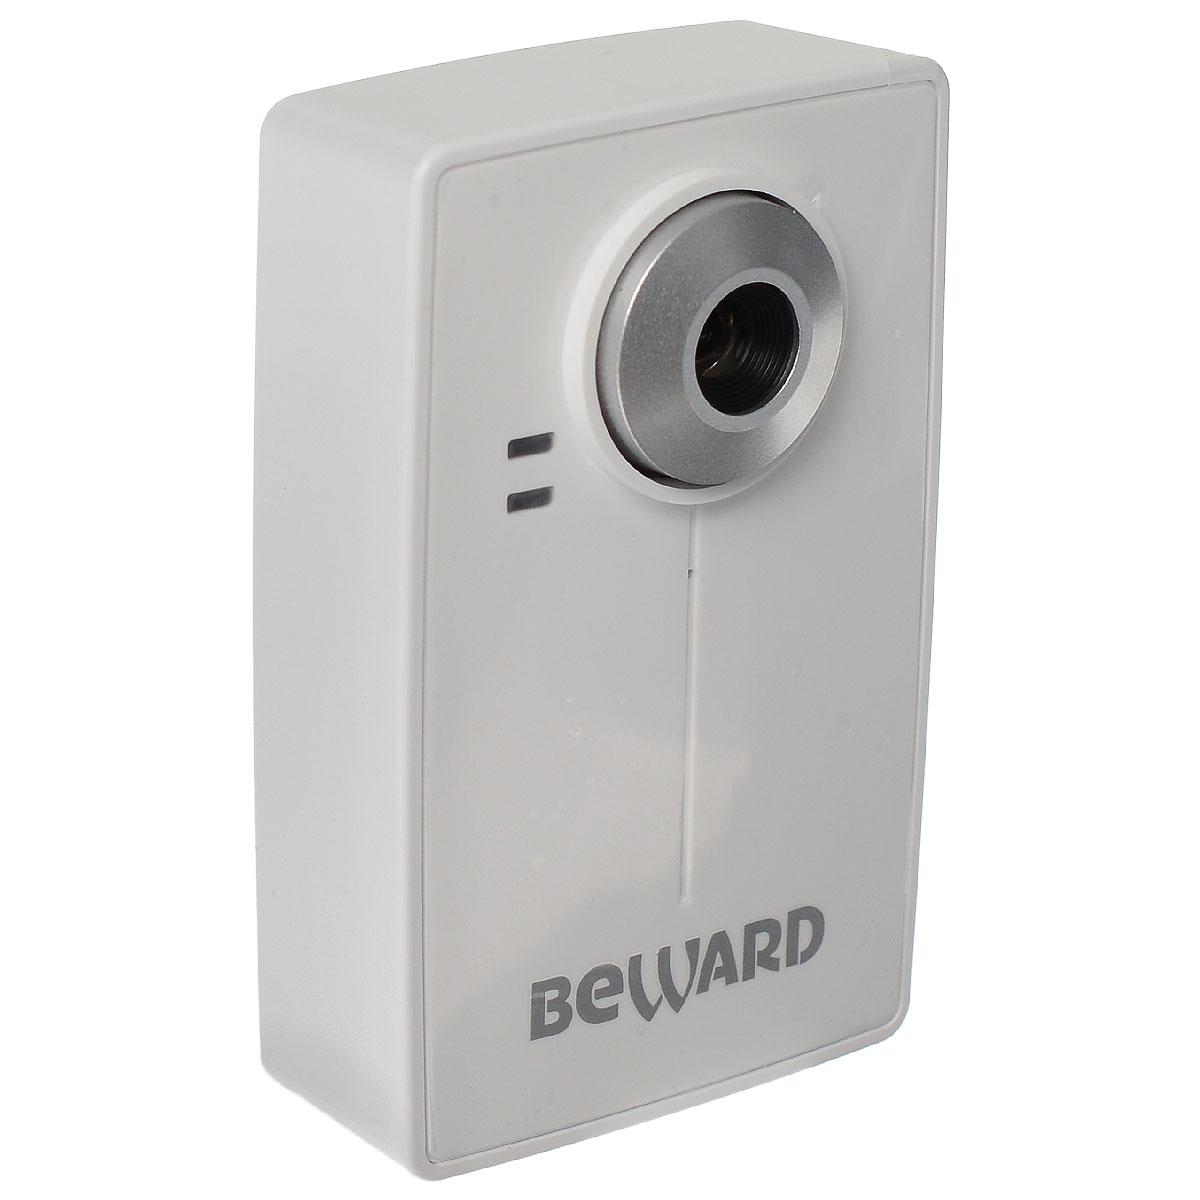 Beward N13103, White IP-камераN13103Фиксированная мегапиксельная сетевая IP-камера Beward N13103 со встроенным Wi-Fi модулем идеально подходит для эксплуатации на объектах, где прокладка кабельных сетей затруднена или невозможна. Поддержка WPA/WEP шифрования обеспечивает конфиденциальность передаваемых данных с камеры. Благодаря поддержке протокола 3GPP, оптимизированного под низкоскоростные сети, просмотр видео в реальном времени возможен с мобильных устройств. Для записи данных видеокамера может использовать удаленное файловое хранилище или карту памяти SD/SDHC объемом до 32 ГБ.Область примененияКомпактная IP-камера Beward N13103 со встроенным микрофоном и 10-кратным цифровым увеличением оптимально подходит для установки в помещениях и может использоваться в системах видеоконференций, удаленного мониторинга и видеонаблюдения. В качестве примера использования можно привести установку и организацию систем безопасности внутри жилых и рабочих зданий, офисных помещений, в учебных центрах, квартирах, коттеджах.Запись на внешние носители информацииBeward N13103 располагает расширенными возможностями для хранения данных. Камера поддерживает запись тревожных видеопоследовательностей или отправку уведомлений не только на FTP, электронную почту и в локальные папки, но и на удаленный файловый сервер хранения данных. В качестве такого сервера можно использовать как специализированное NAS хранилище, так и самостоятельно организованное на базе ОС Windows или Linux. В случае разрыва связи с удаленным файловым хранилищем запись может быть продолжена на сменную карту памяти формата SD/SDHC объемом до 32 ГБ.Работа в сетиBeward N13103 предназначена для работы в сети. При этом IP-камера поддерживает возможность как проводного подключения по кабелю Ethernet, так и беспроводного по Wi-Fi со скоростью передачи данных до 150 Мбит/с (в режиме 802.11 n). Получить доступ к видео с IP-камеры в реальном времени можно не только со стационарного компьютера, подключенного к сети, но и с 3GPP-совм